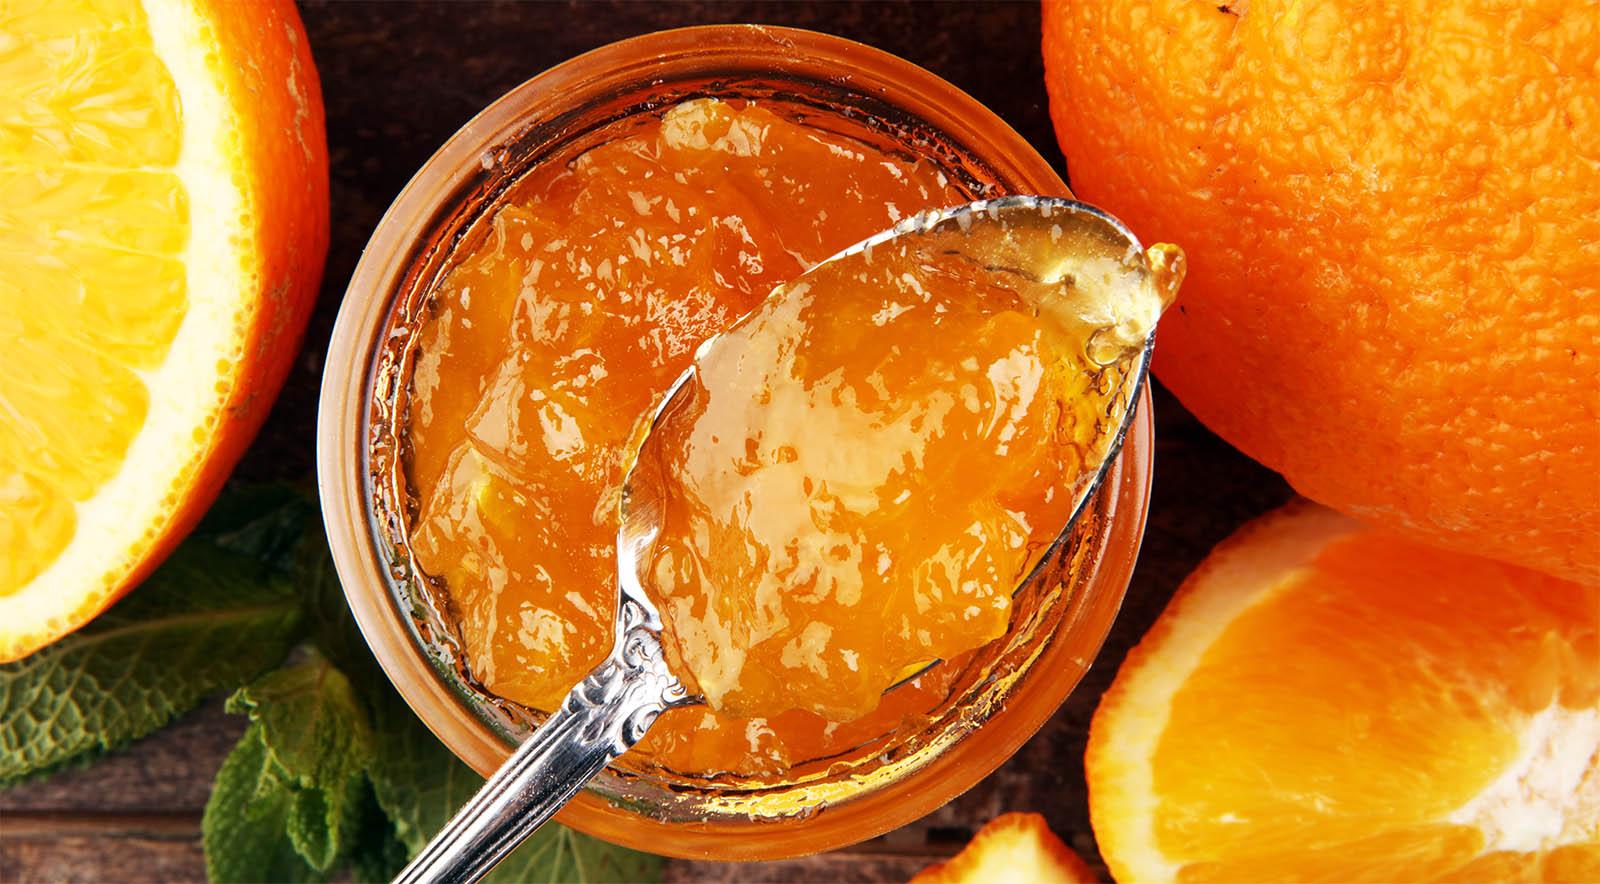 Marmellata di arance e mele senza zucchero